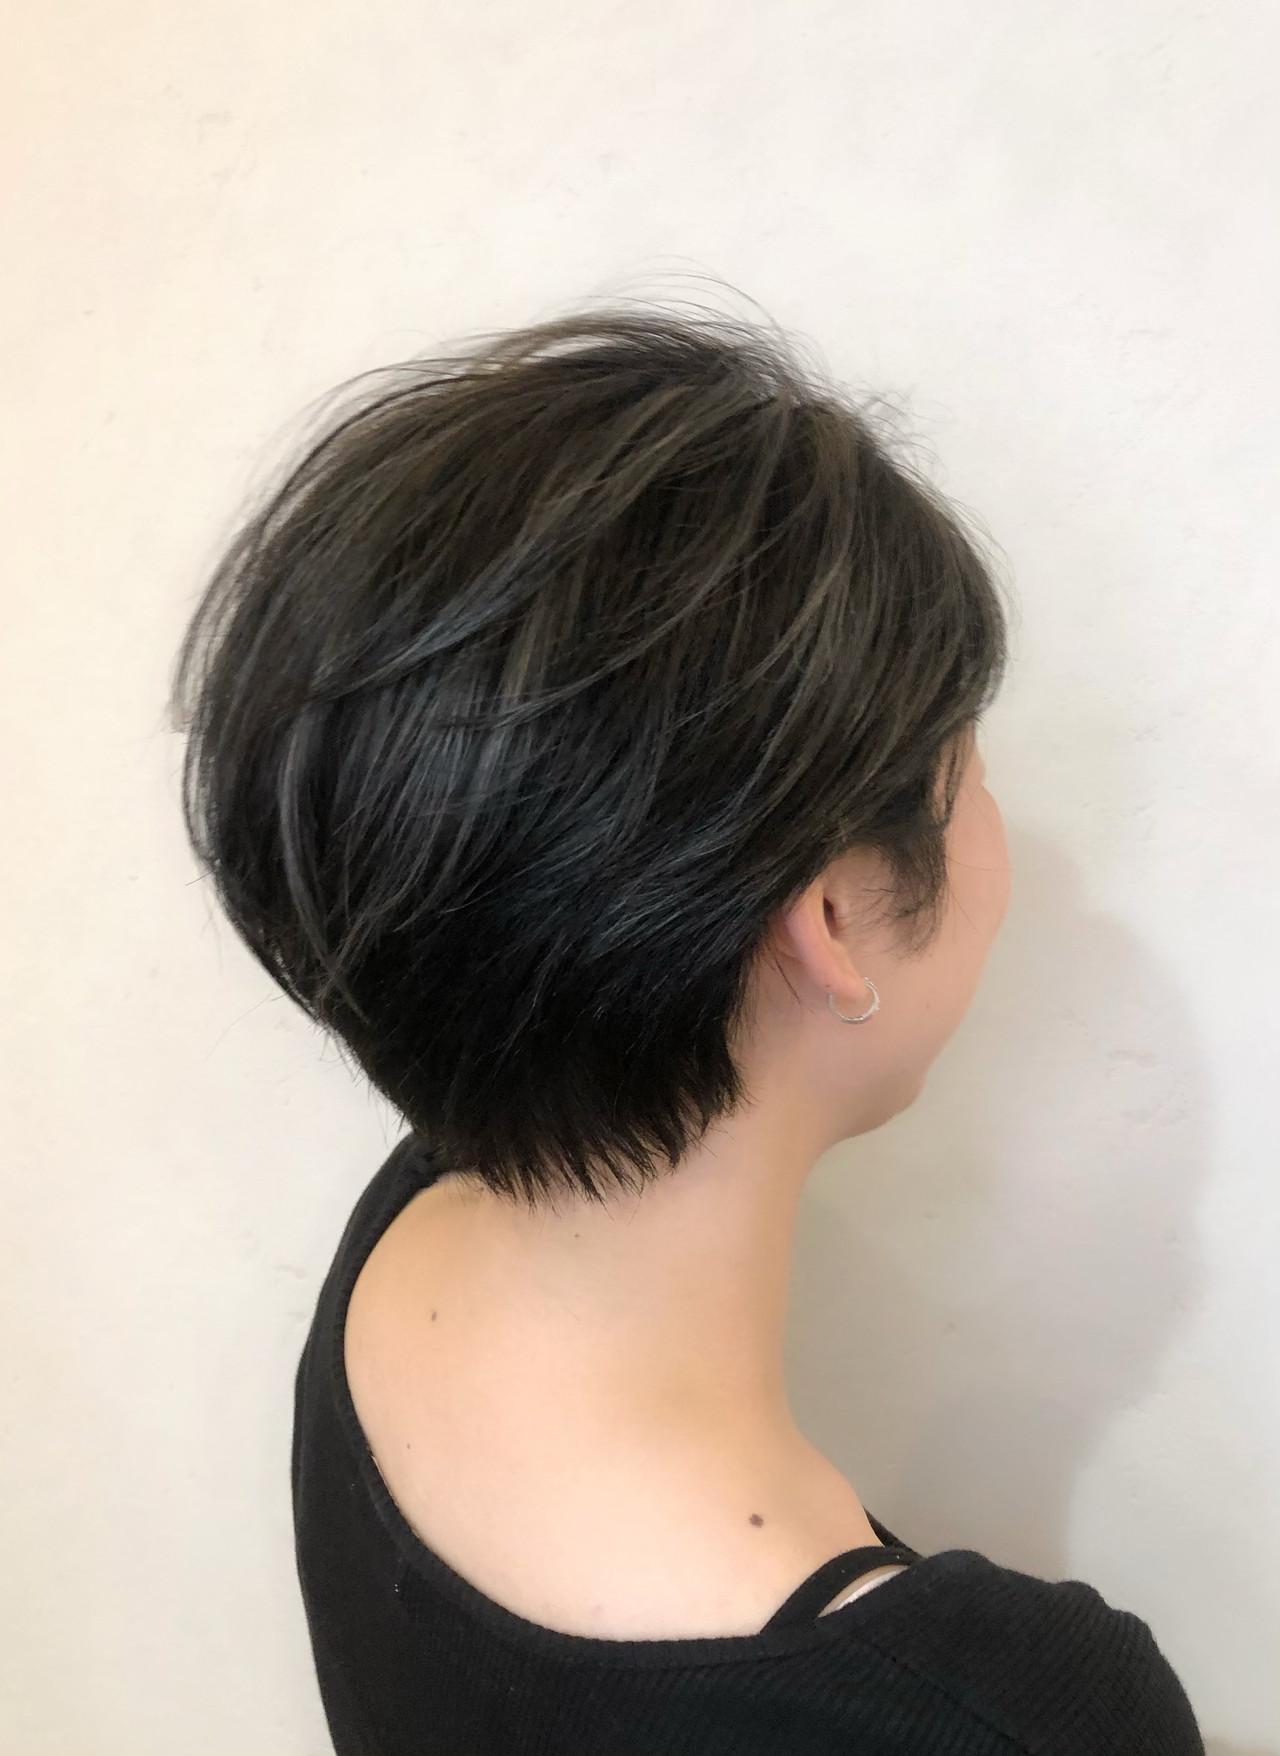 ショートヘア ストリート ハンサム ハンサムショート ヘアスタイルや髪型の写真・画像